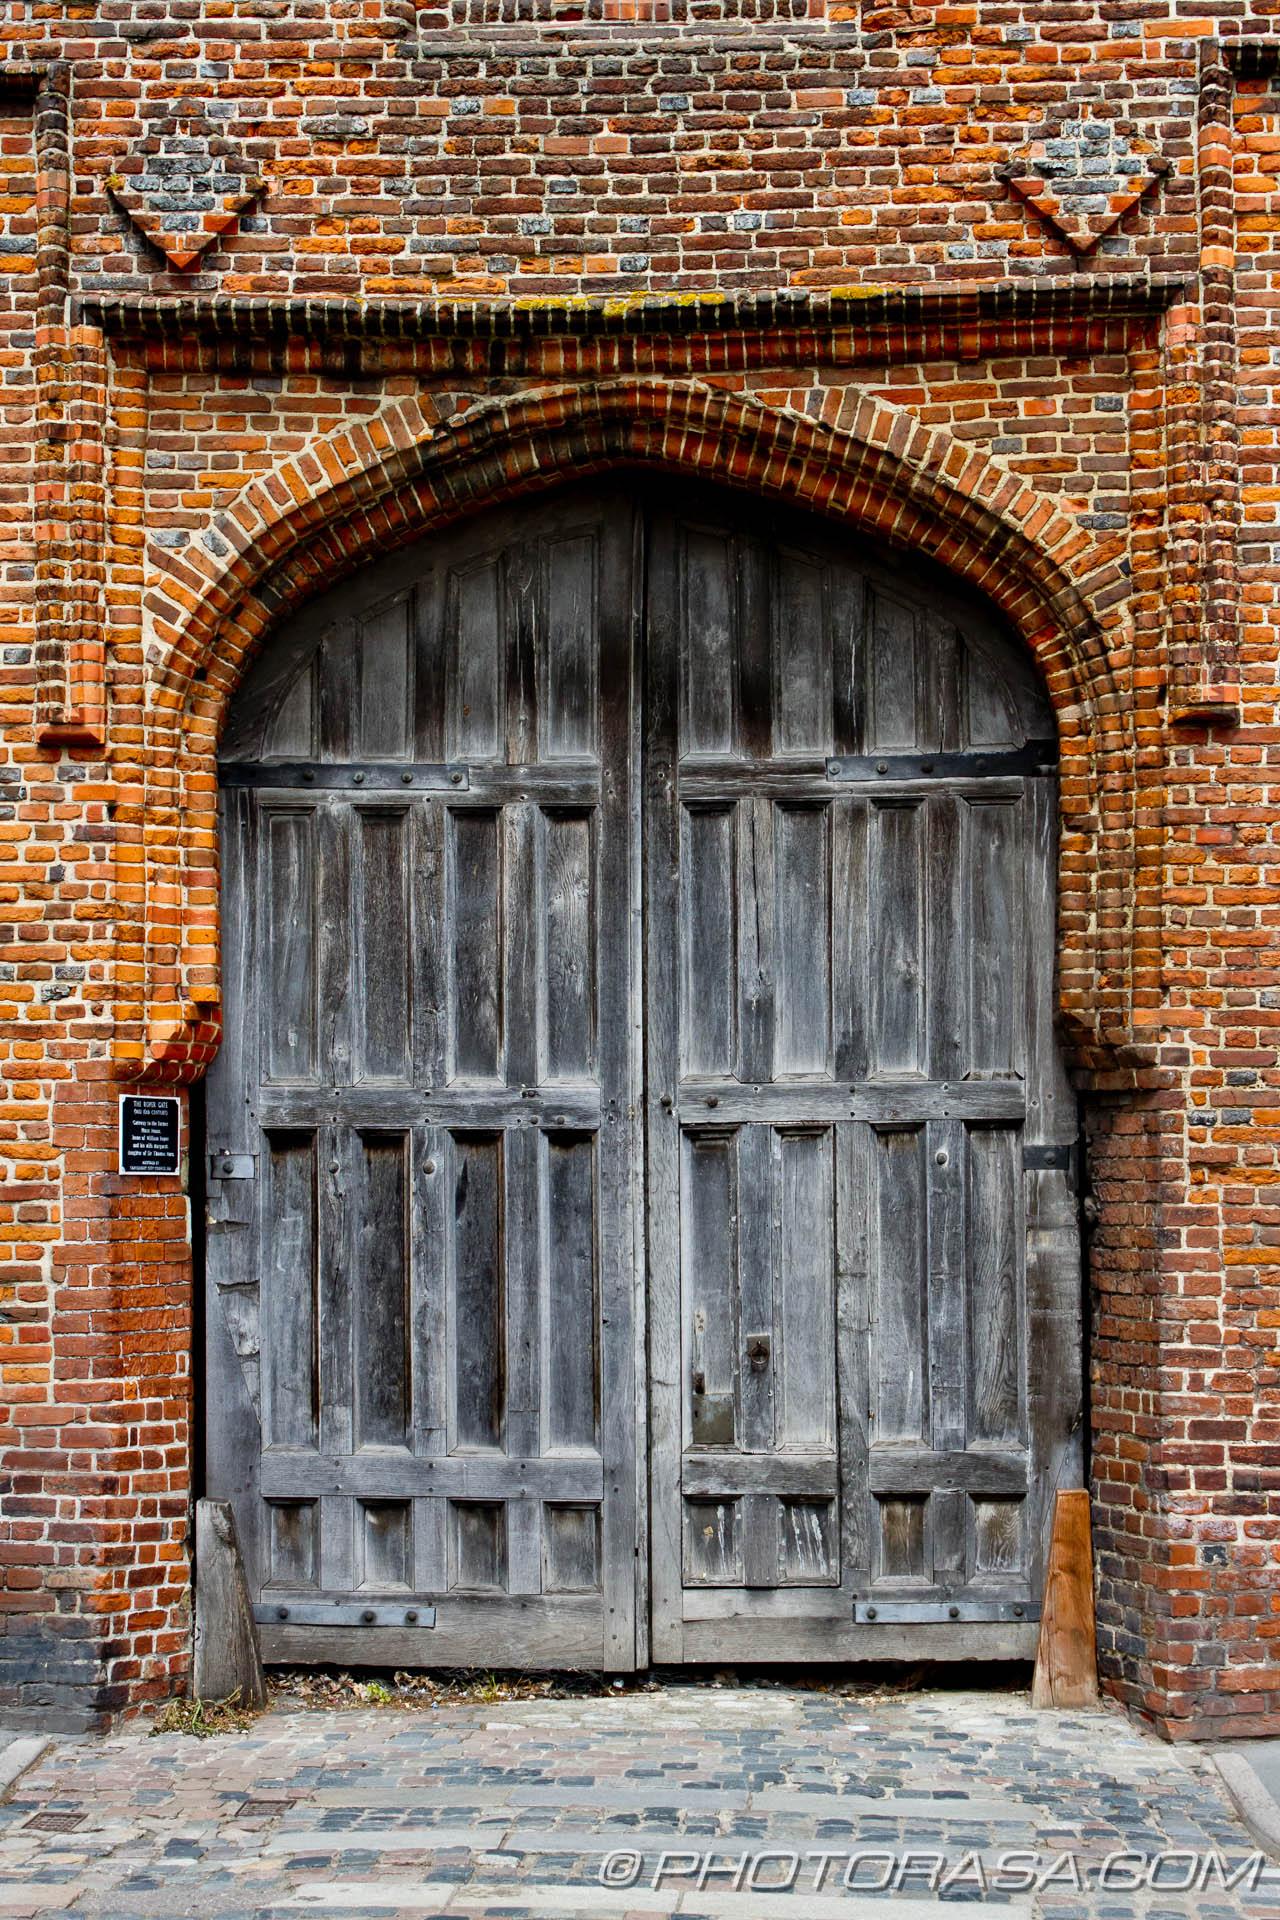 http://photorasa.com/canterbury-trip/the-roper-gate/